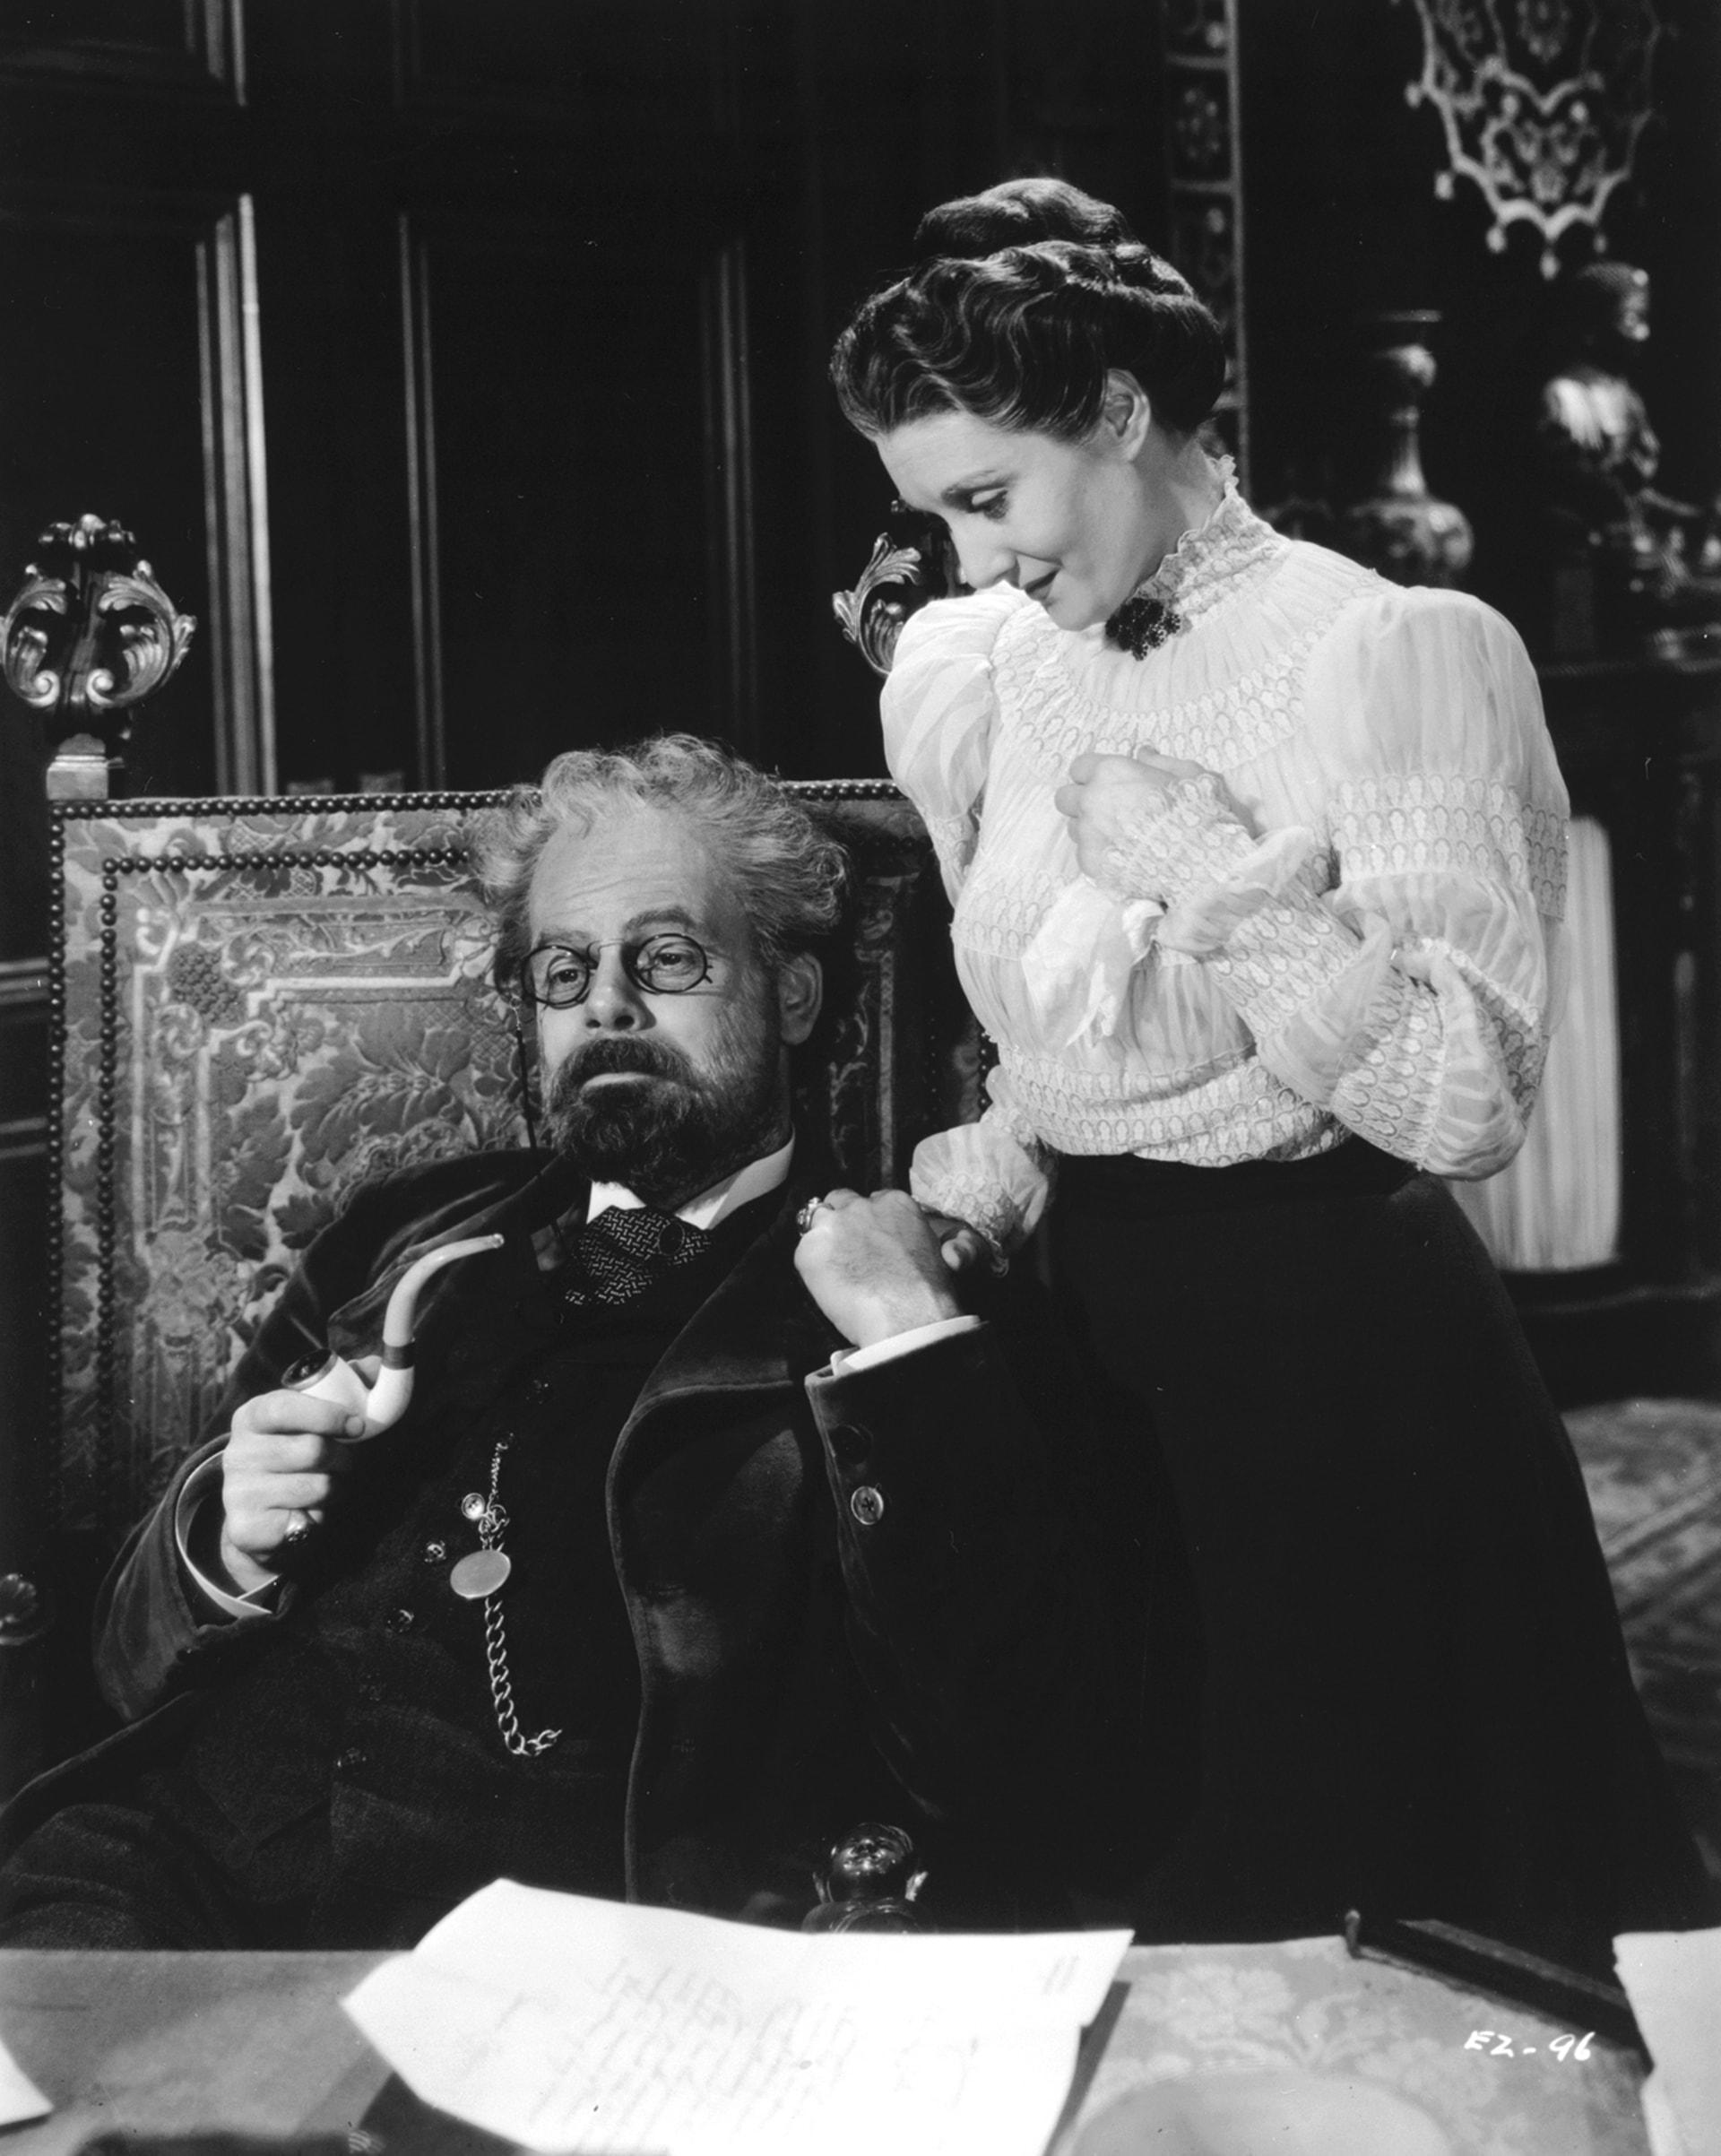 The Life of Emile Zola - Image 8